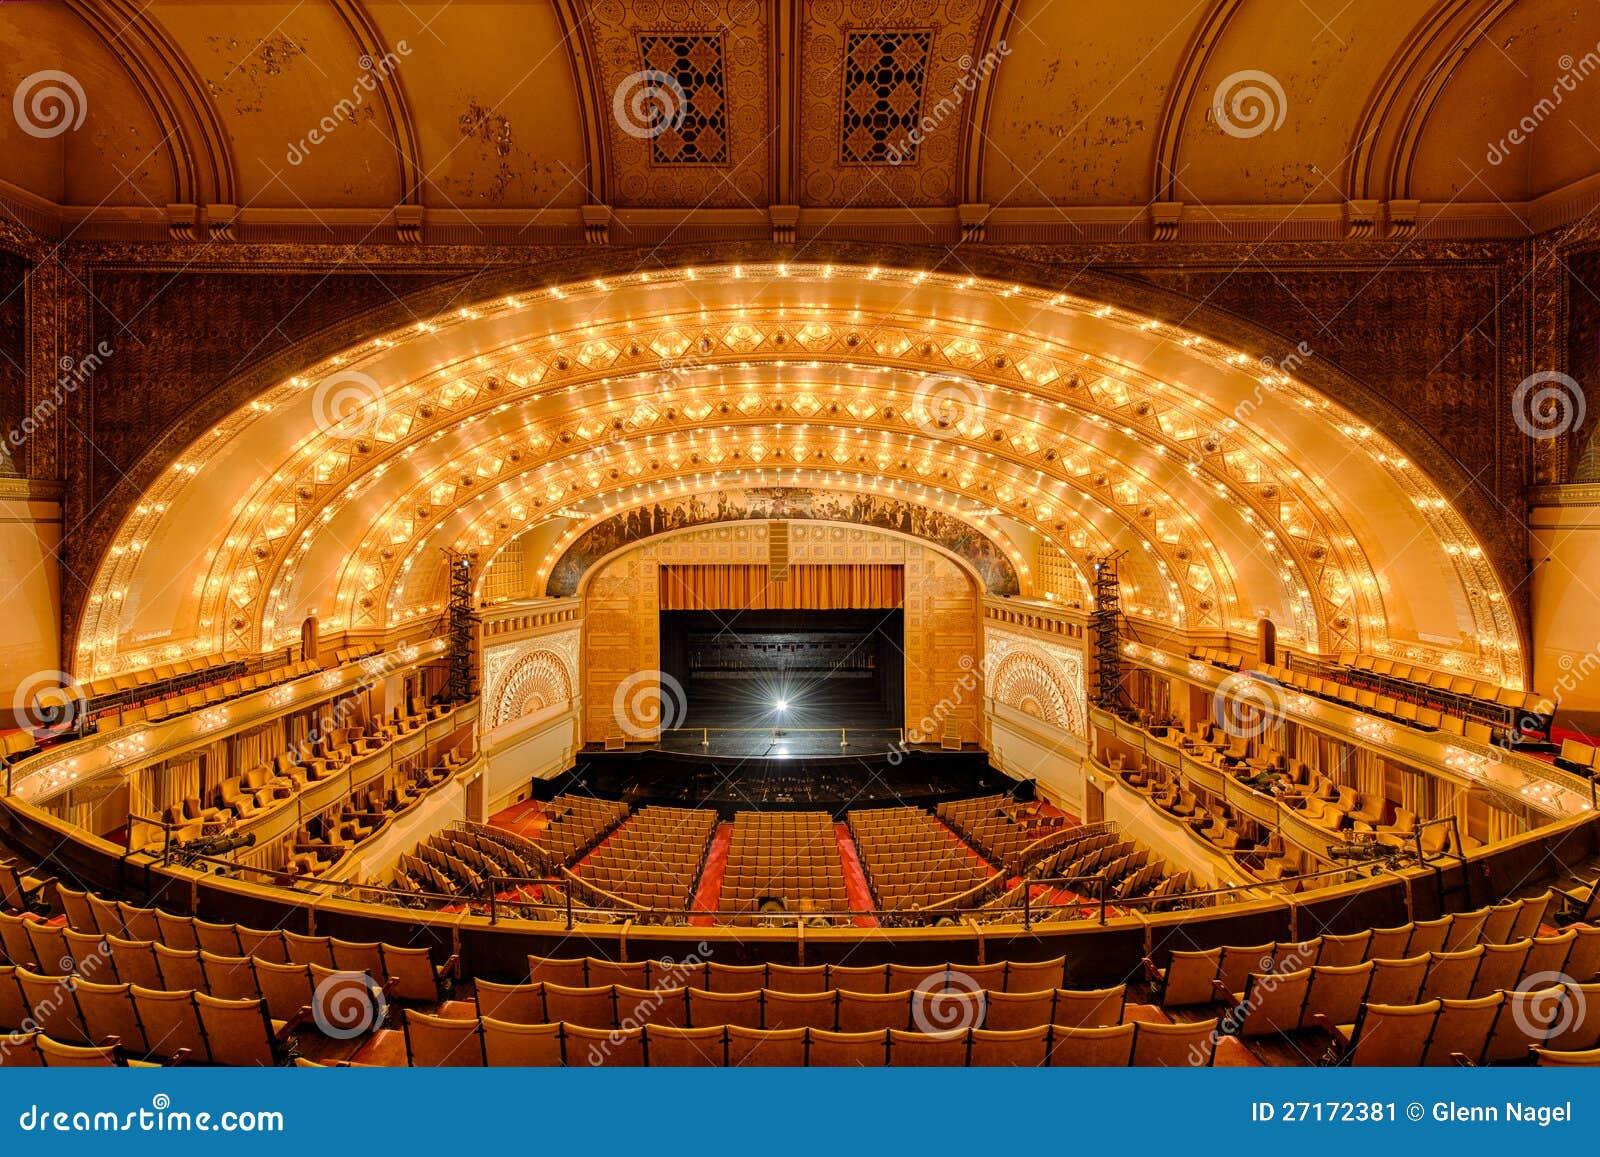 Auditorium Theatre